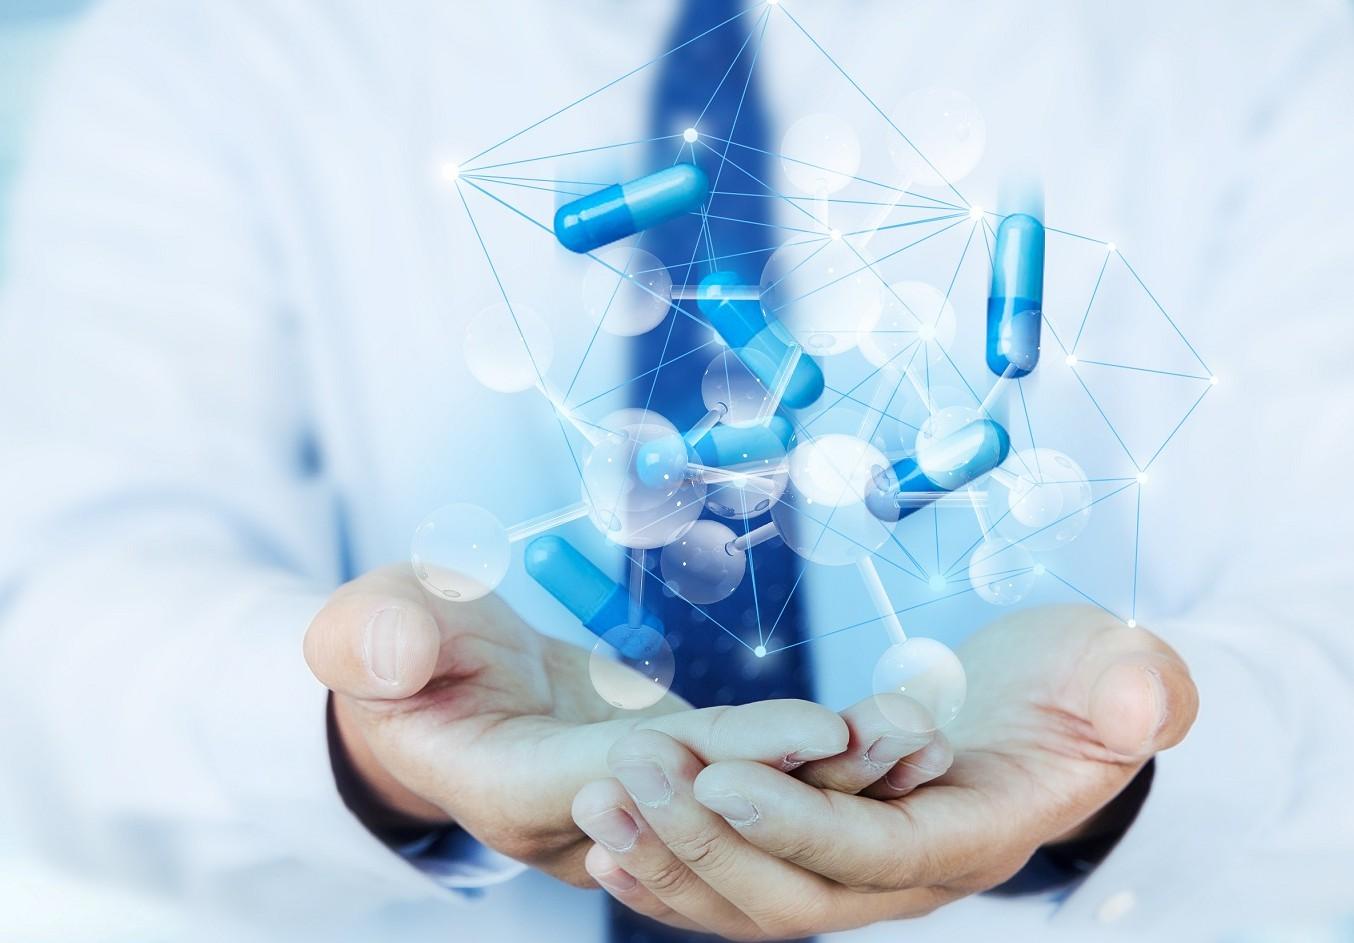 降低冠状病毒肺炎风险,过个健康平安年。